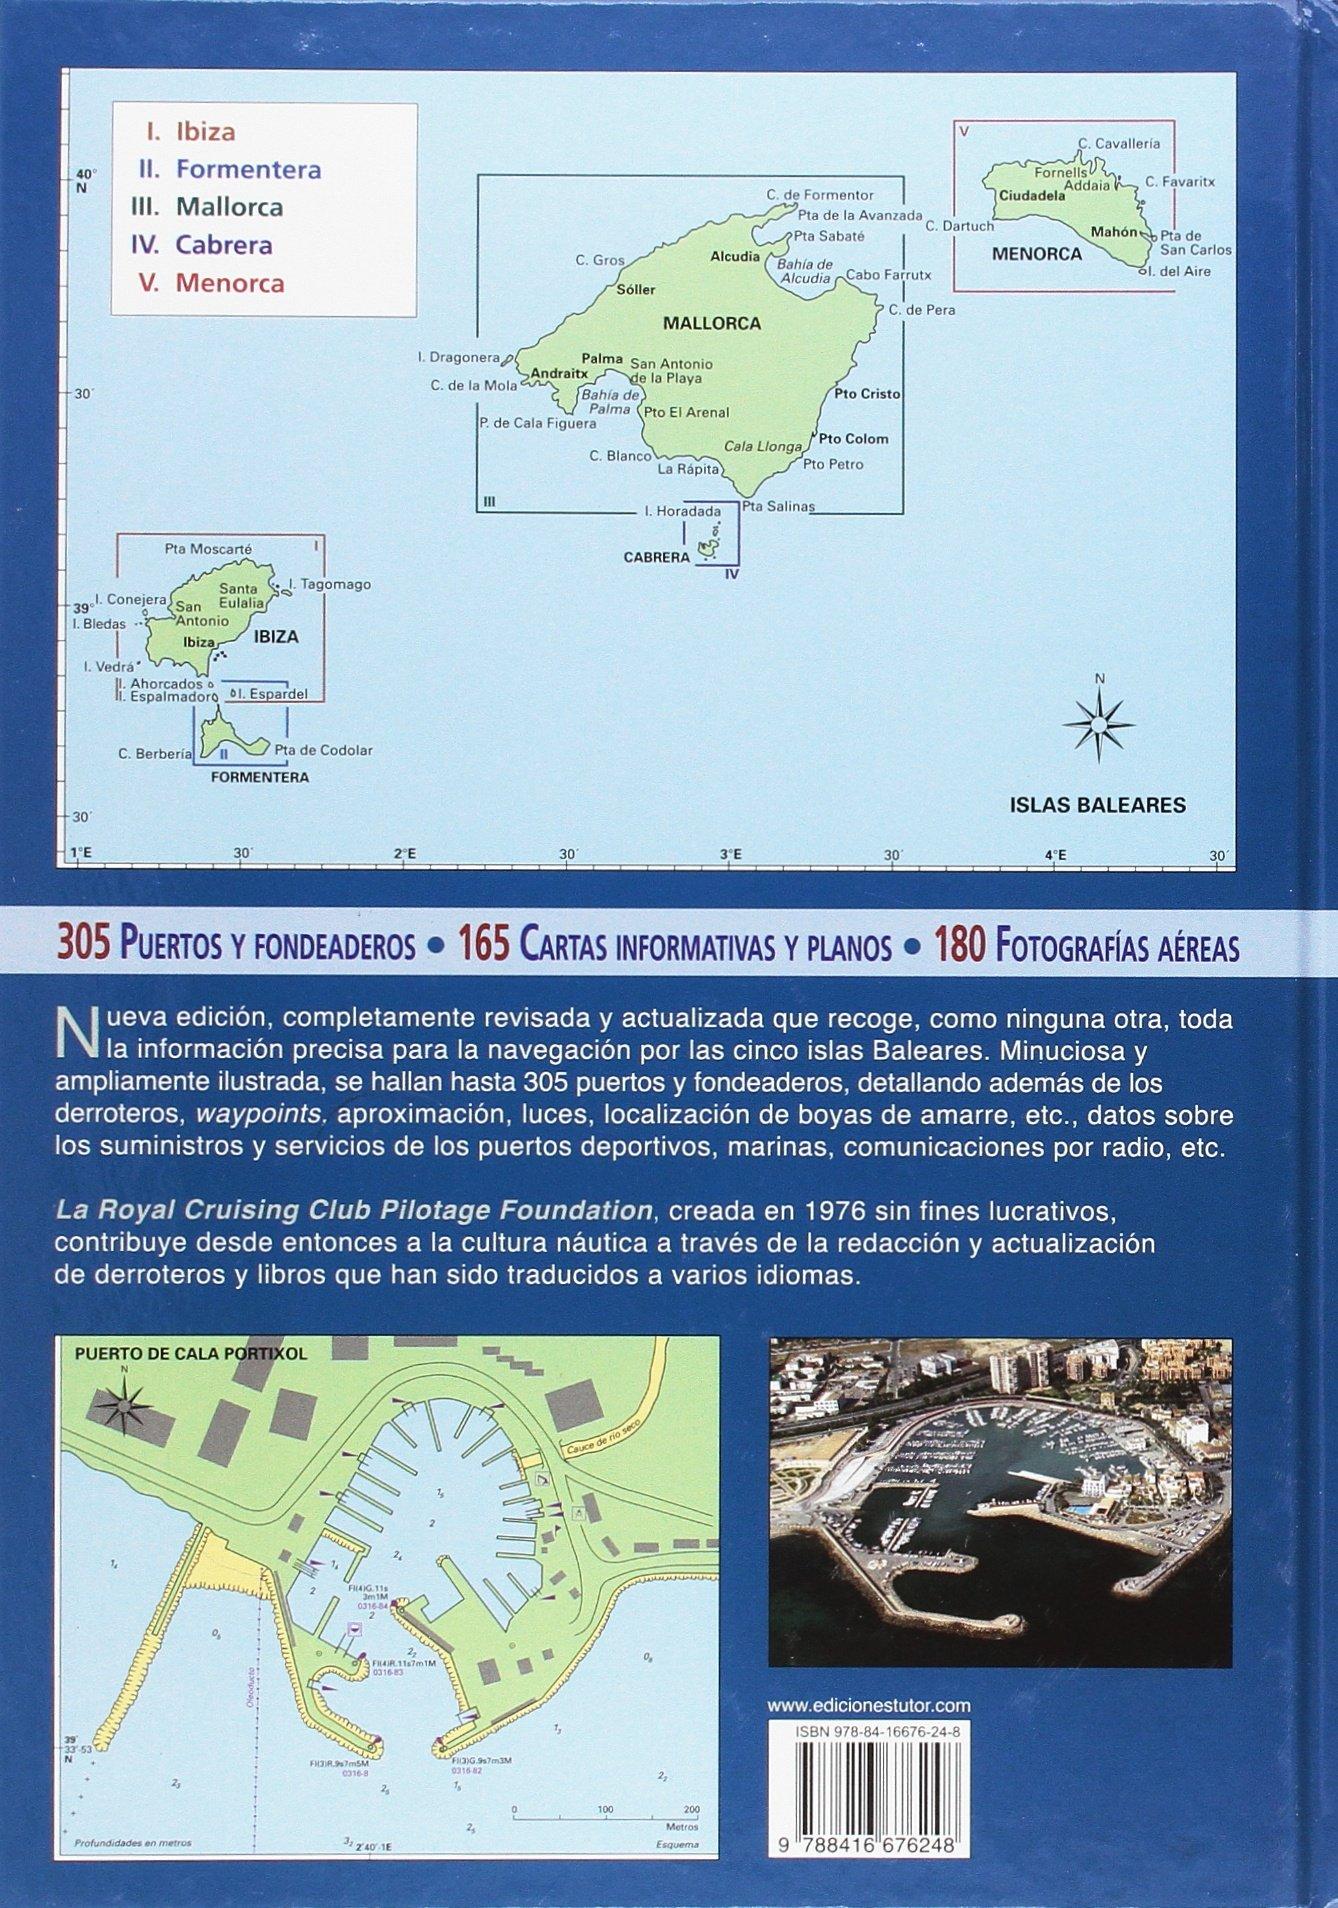 Guías Náuticas Imray. Islas Baleares. Nueva edición revisada ...